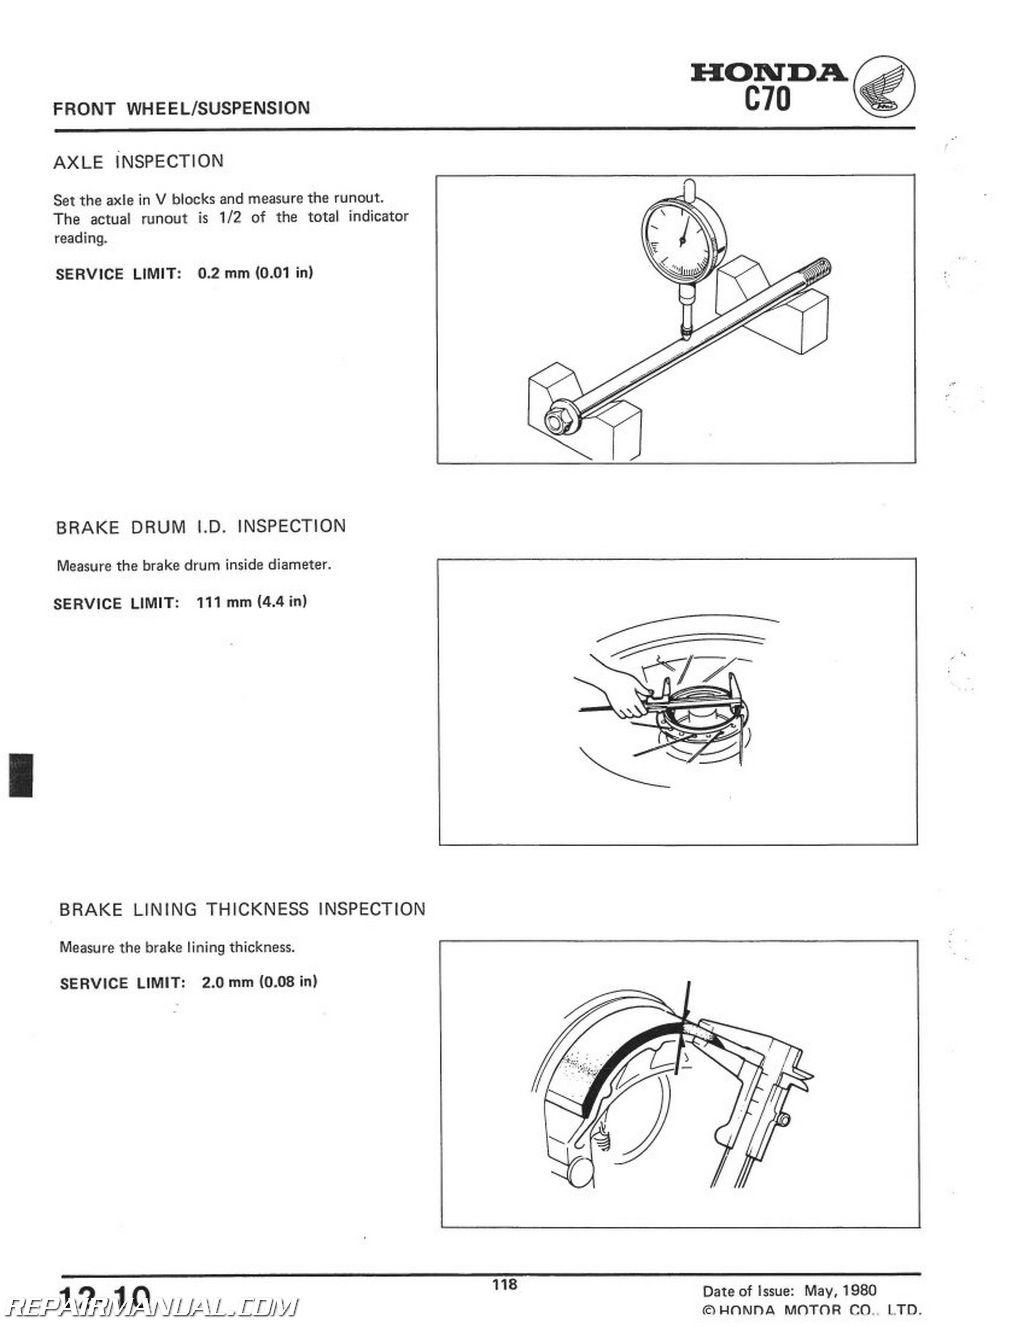 1980 1982 honda c70 scooter workshop service repair manual rh repairmanual com honda ct70 repair manual honda ct70 repair manual free